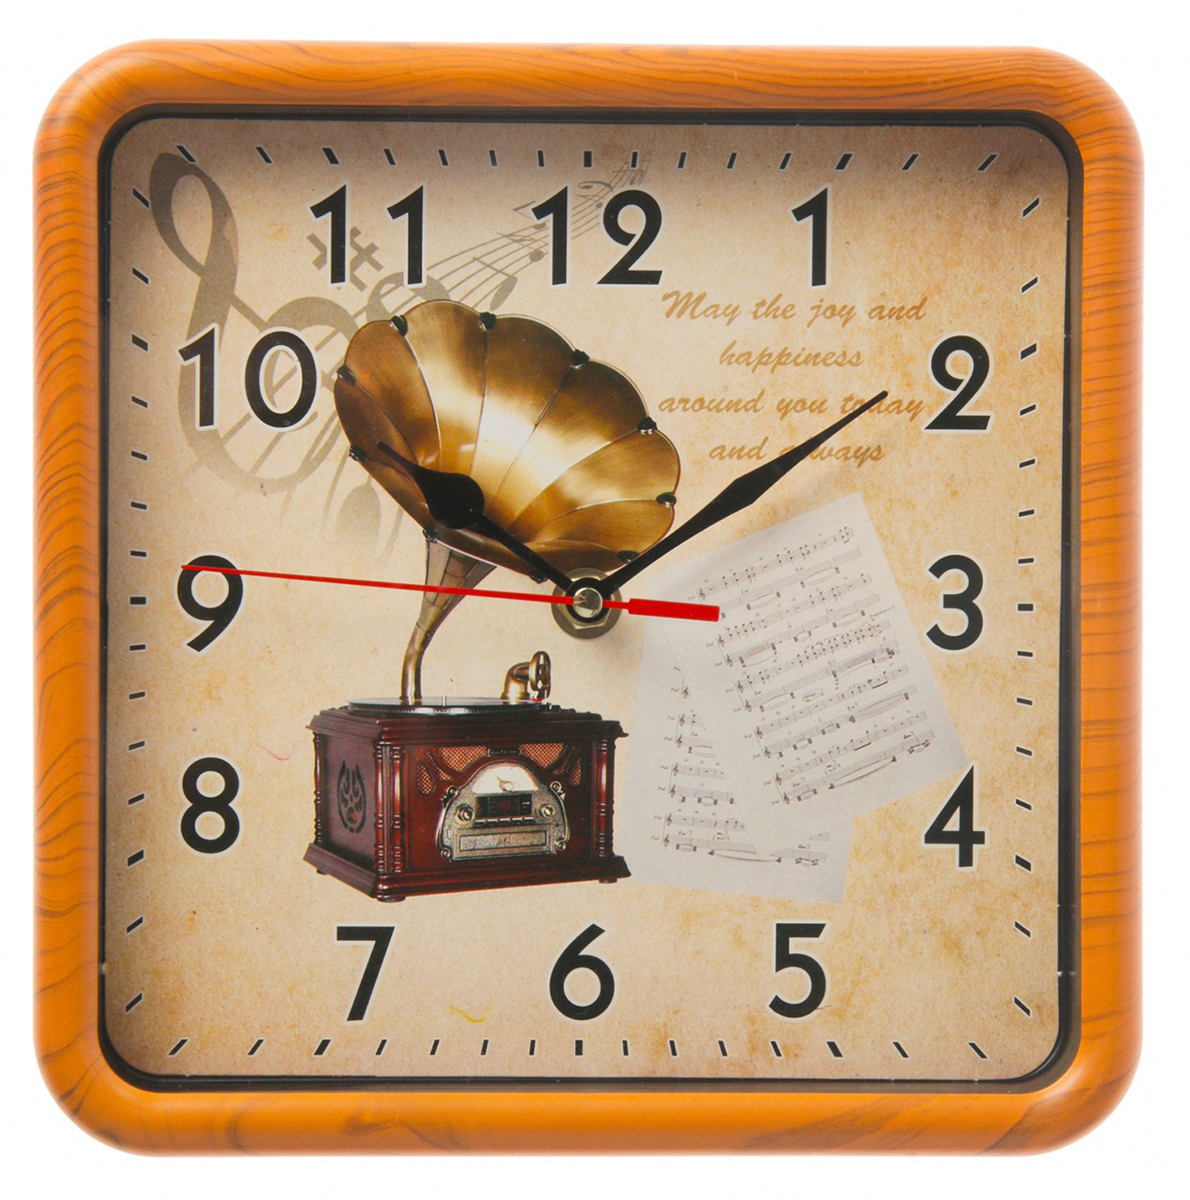 Часы настенные Граммофон, 21 х 21 см2590541Каждому хозяину периодически приходит мысль обновить свою квартиру, сделать ремонт, перестановку или кардинально поменять внешний вид каждой комнаты. — привлекательная деталь, которая поможет воплотить вашу интерьерную идею, создать неповторимую атмосферу в вашем доме. Окружите себя приятными мелочами, пусть они радуют глаз и дарят гармонию.Часы настенные классика квадрат пластик, окантовка под дерево, циферблат граммофон 21*21см 2590541